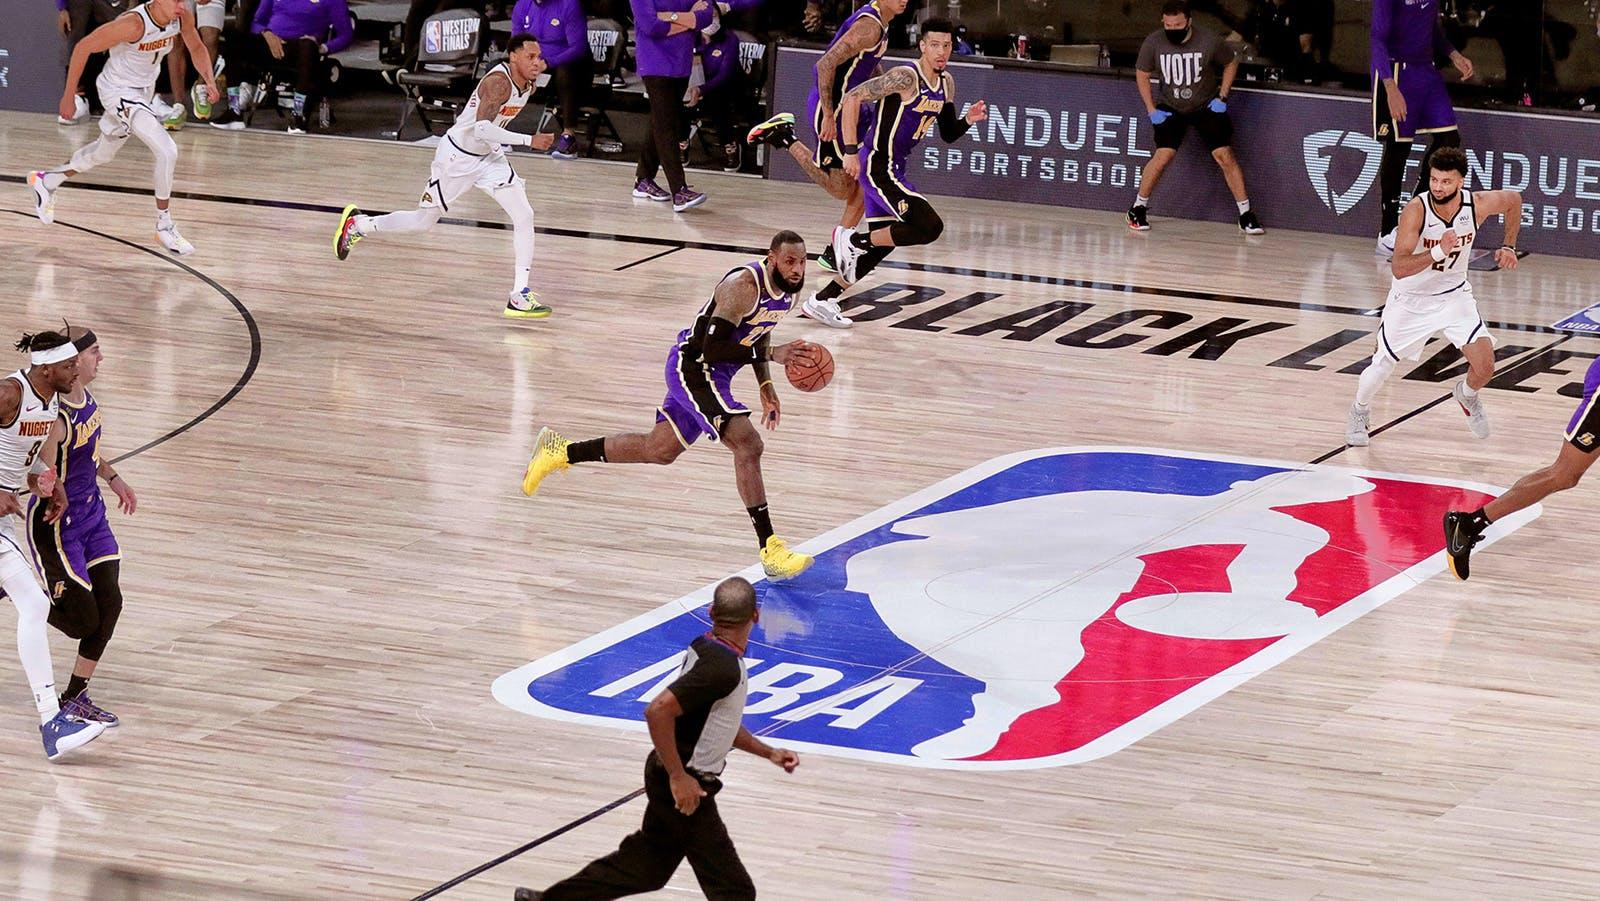 Castiga un freebet pariind pe meciurile din NBA